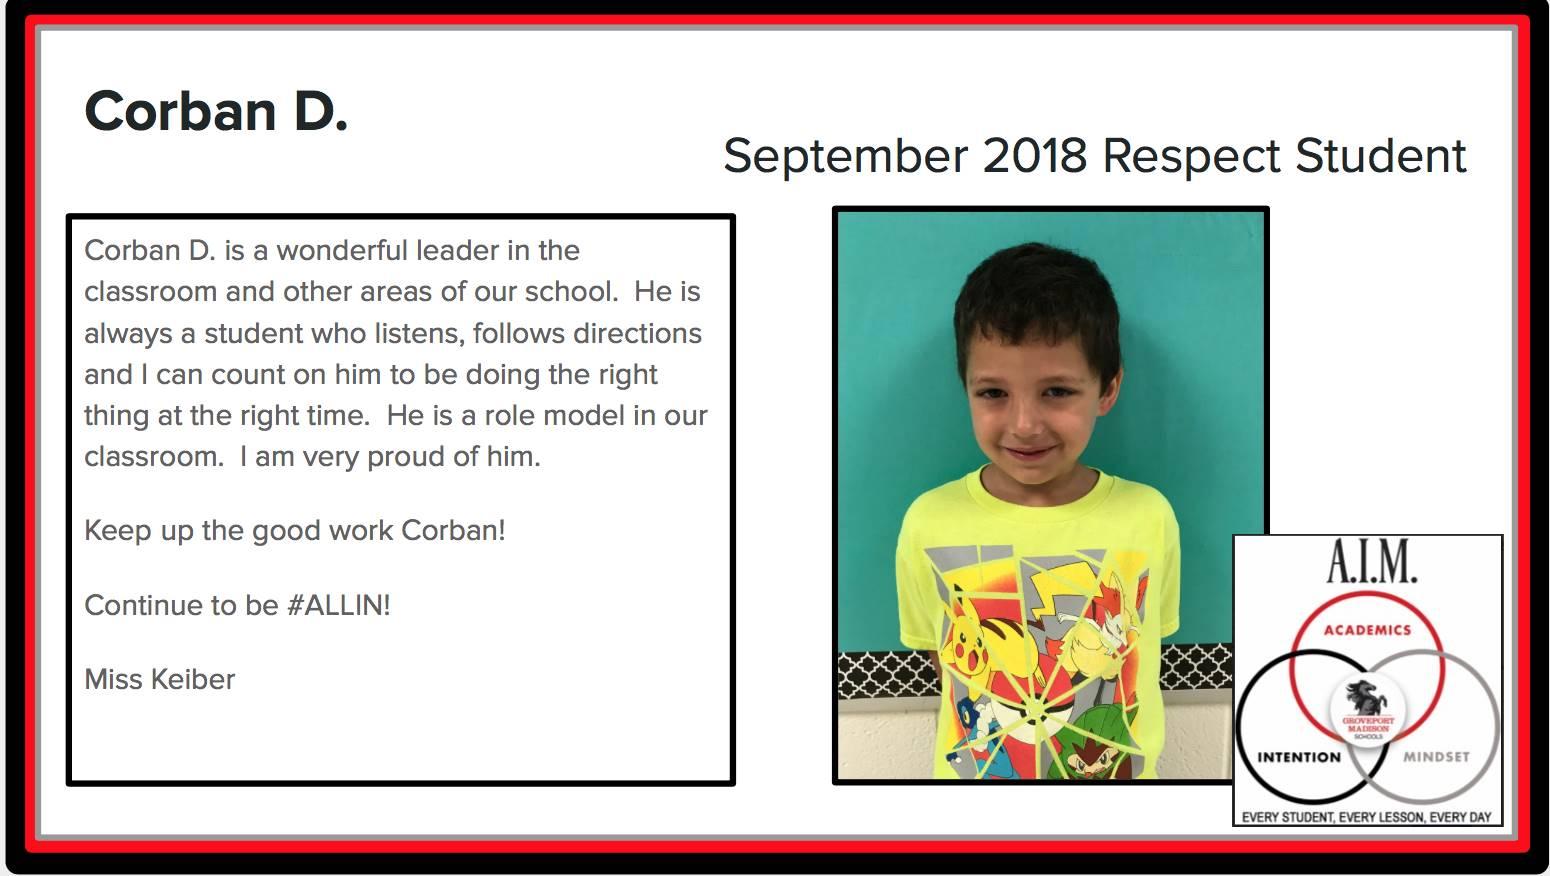 September Respect Student Corban